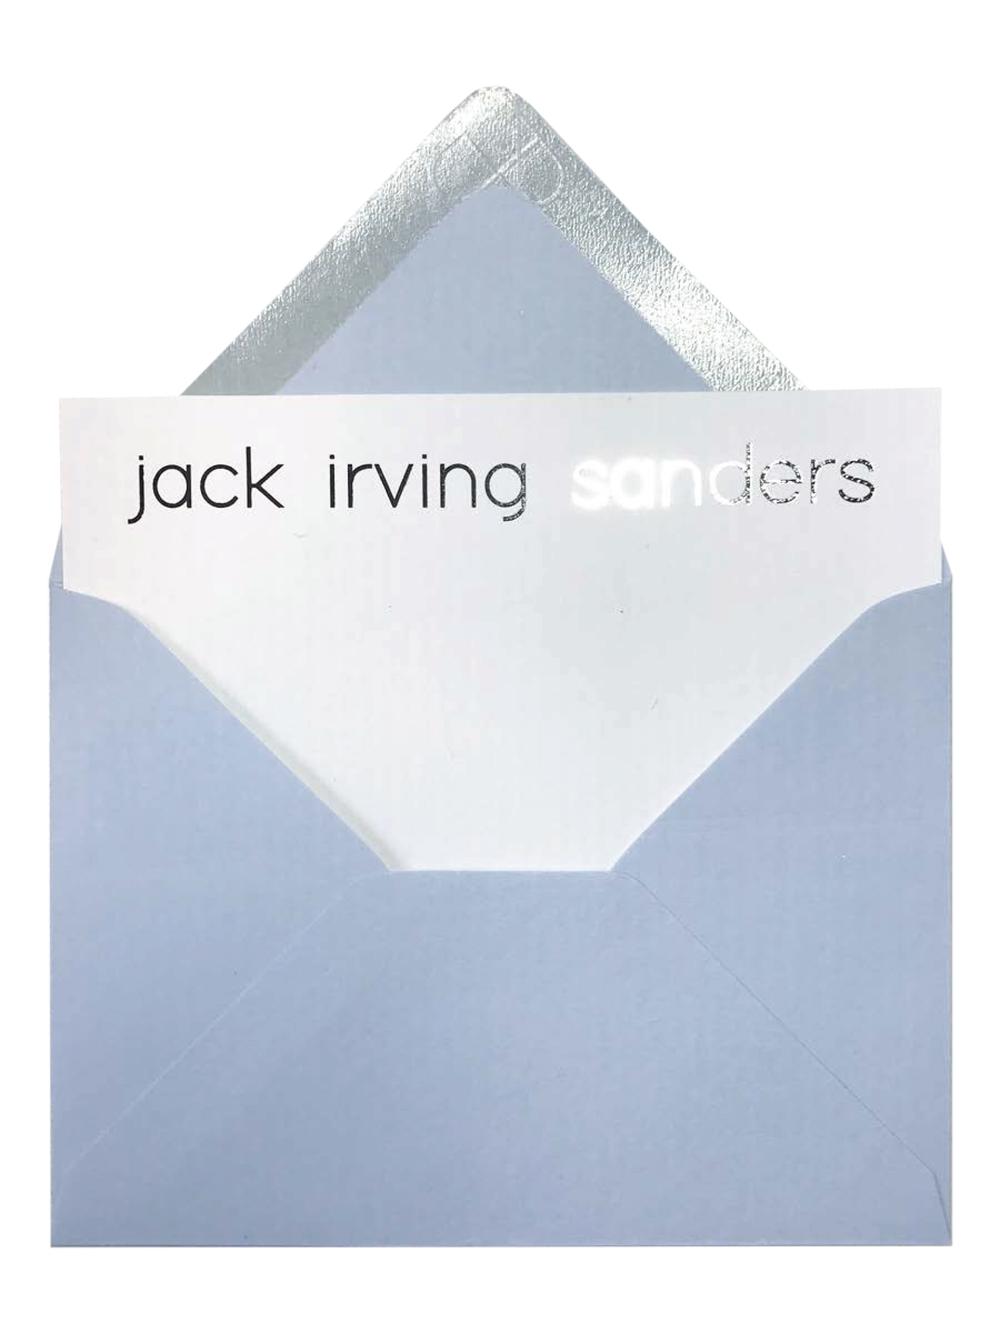 Jack Irving Sanders Stationary-5.png